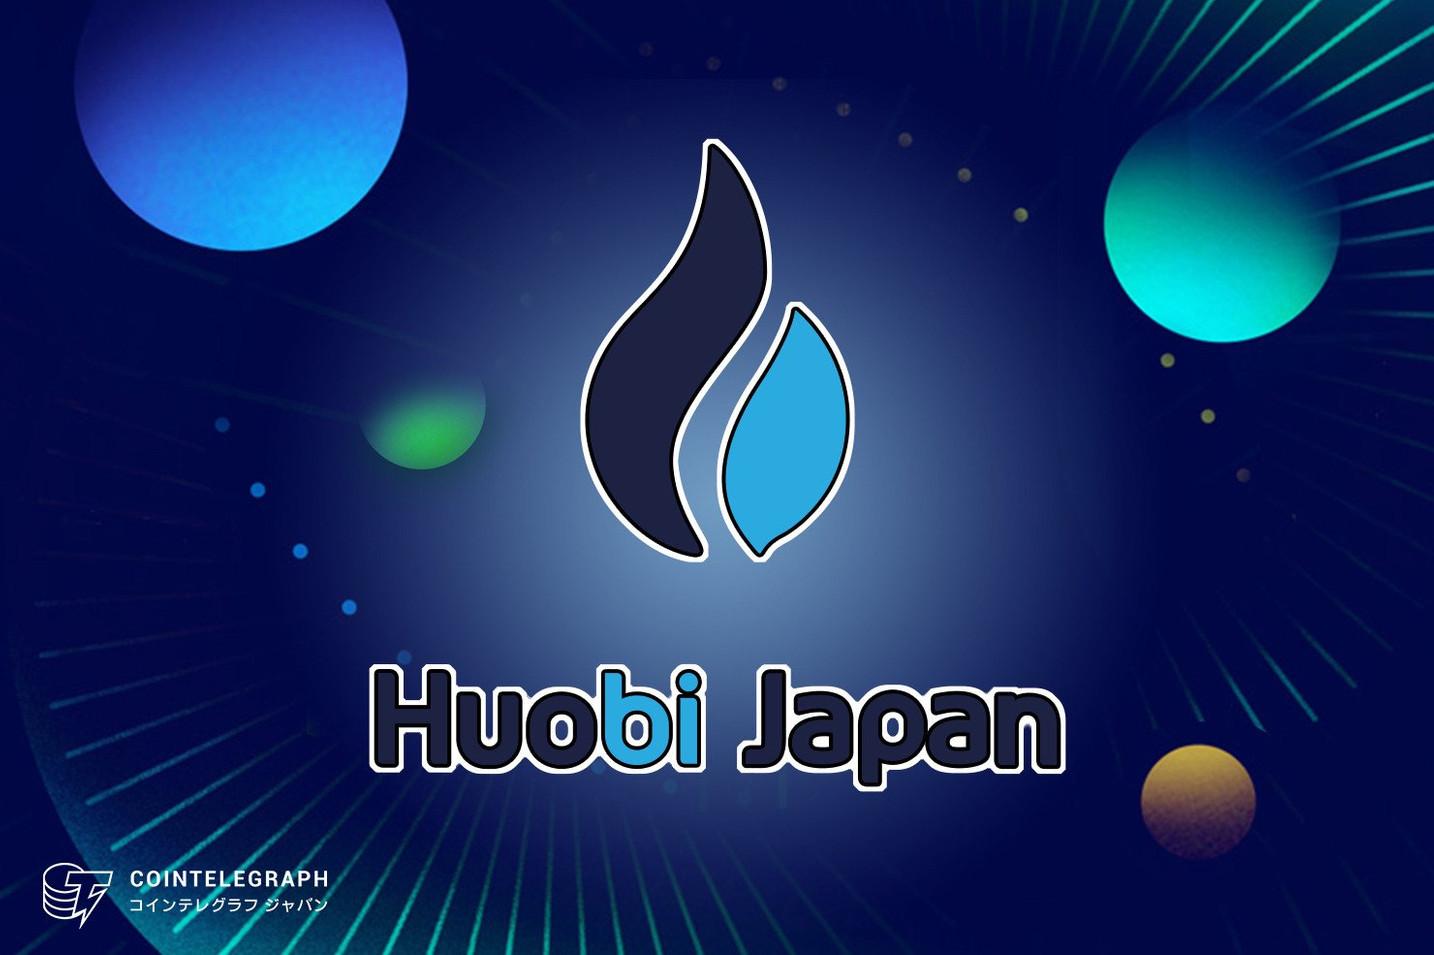 暗号資産取引所のHuobi(フォビ):「1周年記念キャンペーン ビットコイン恩返し 大感謝祭!」開催